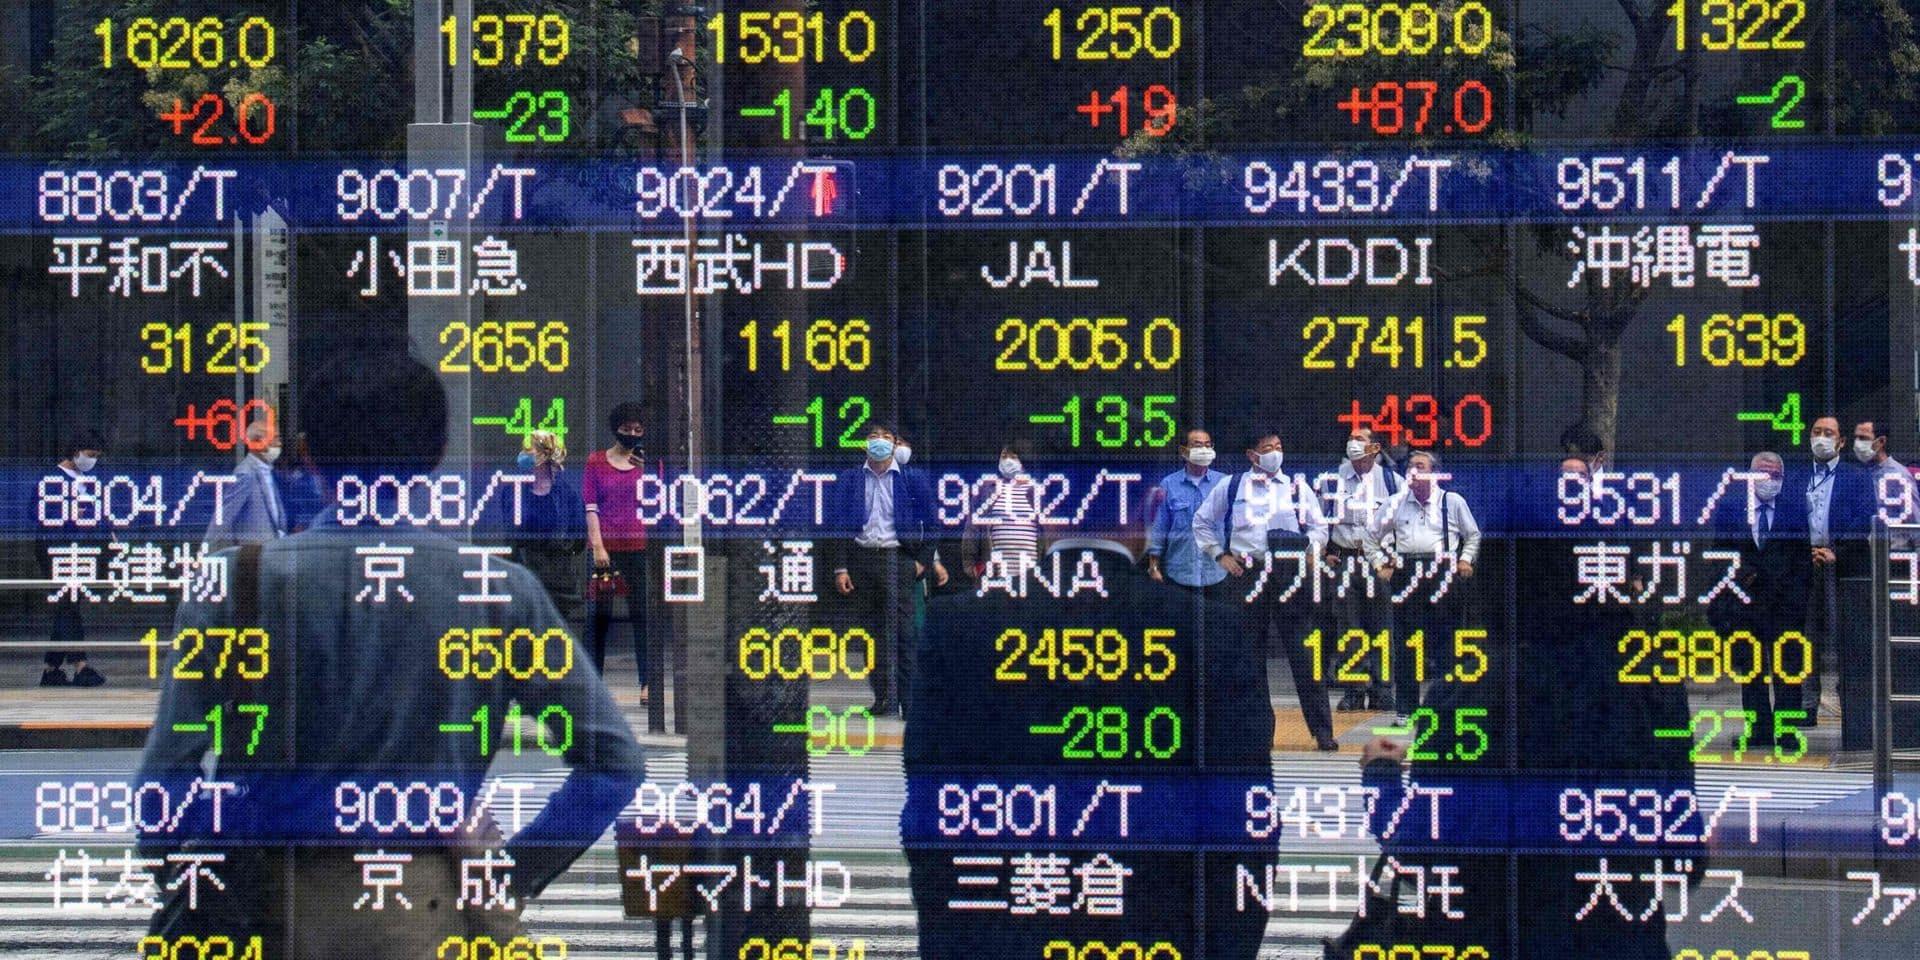 La Bourse de Tokyo finit dans le rouge, les perspectives d'un accord américain s'amenuisent